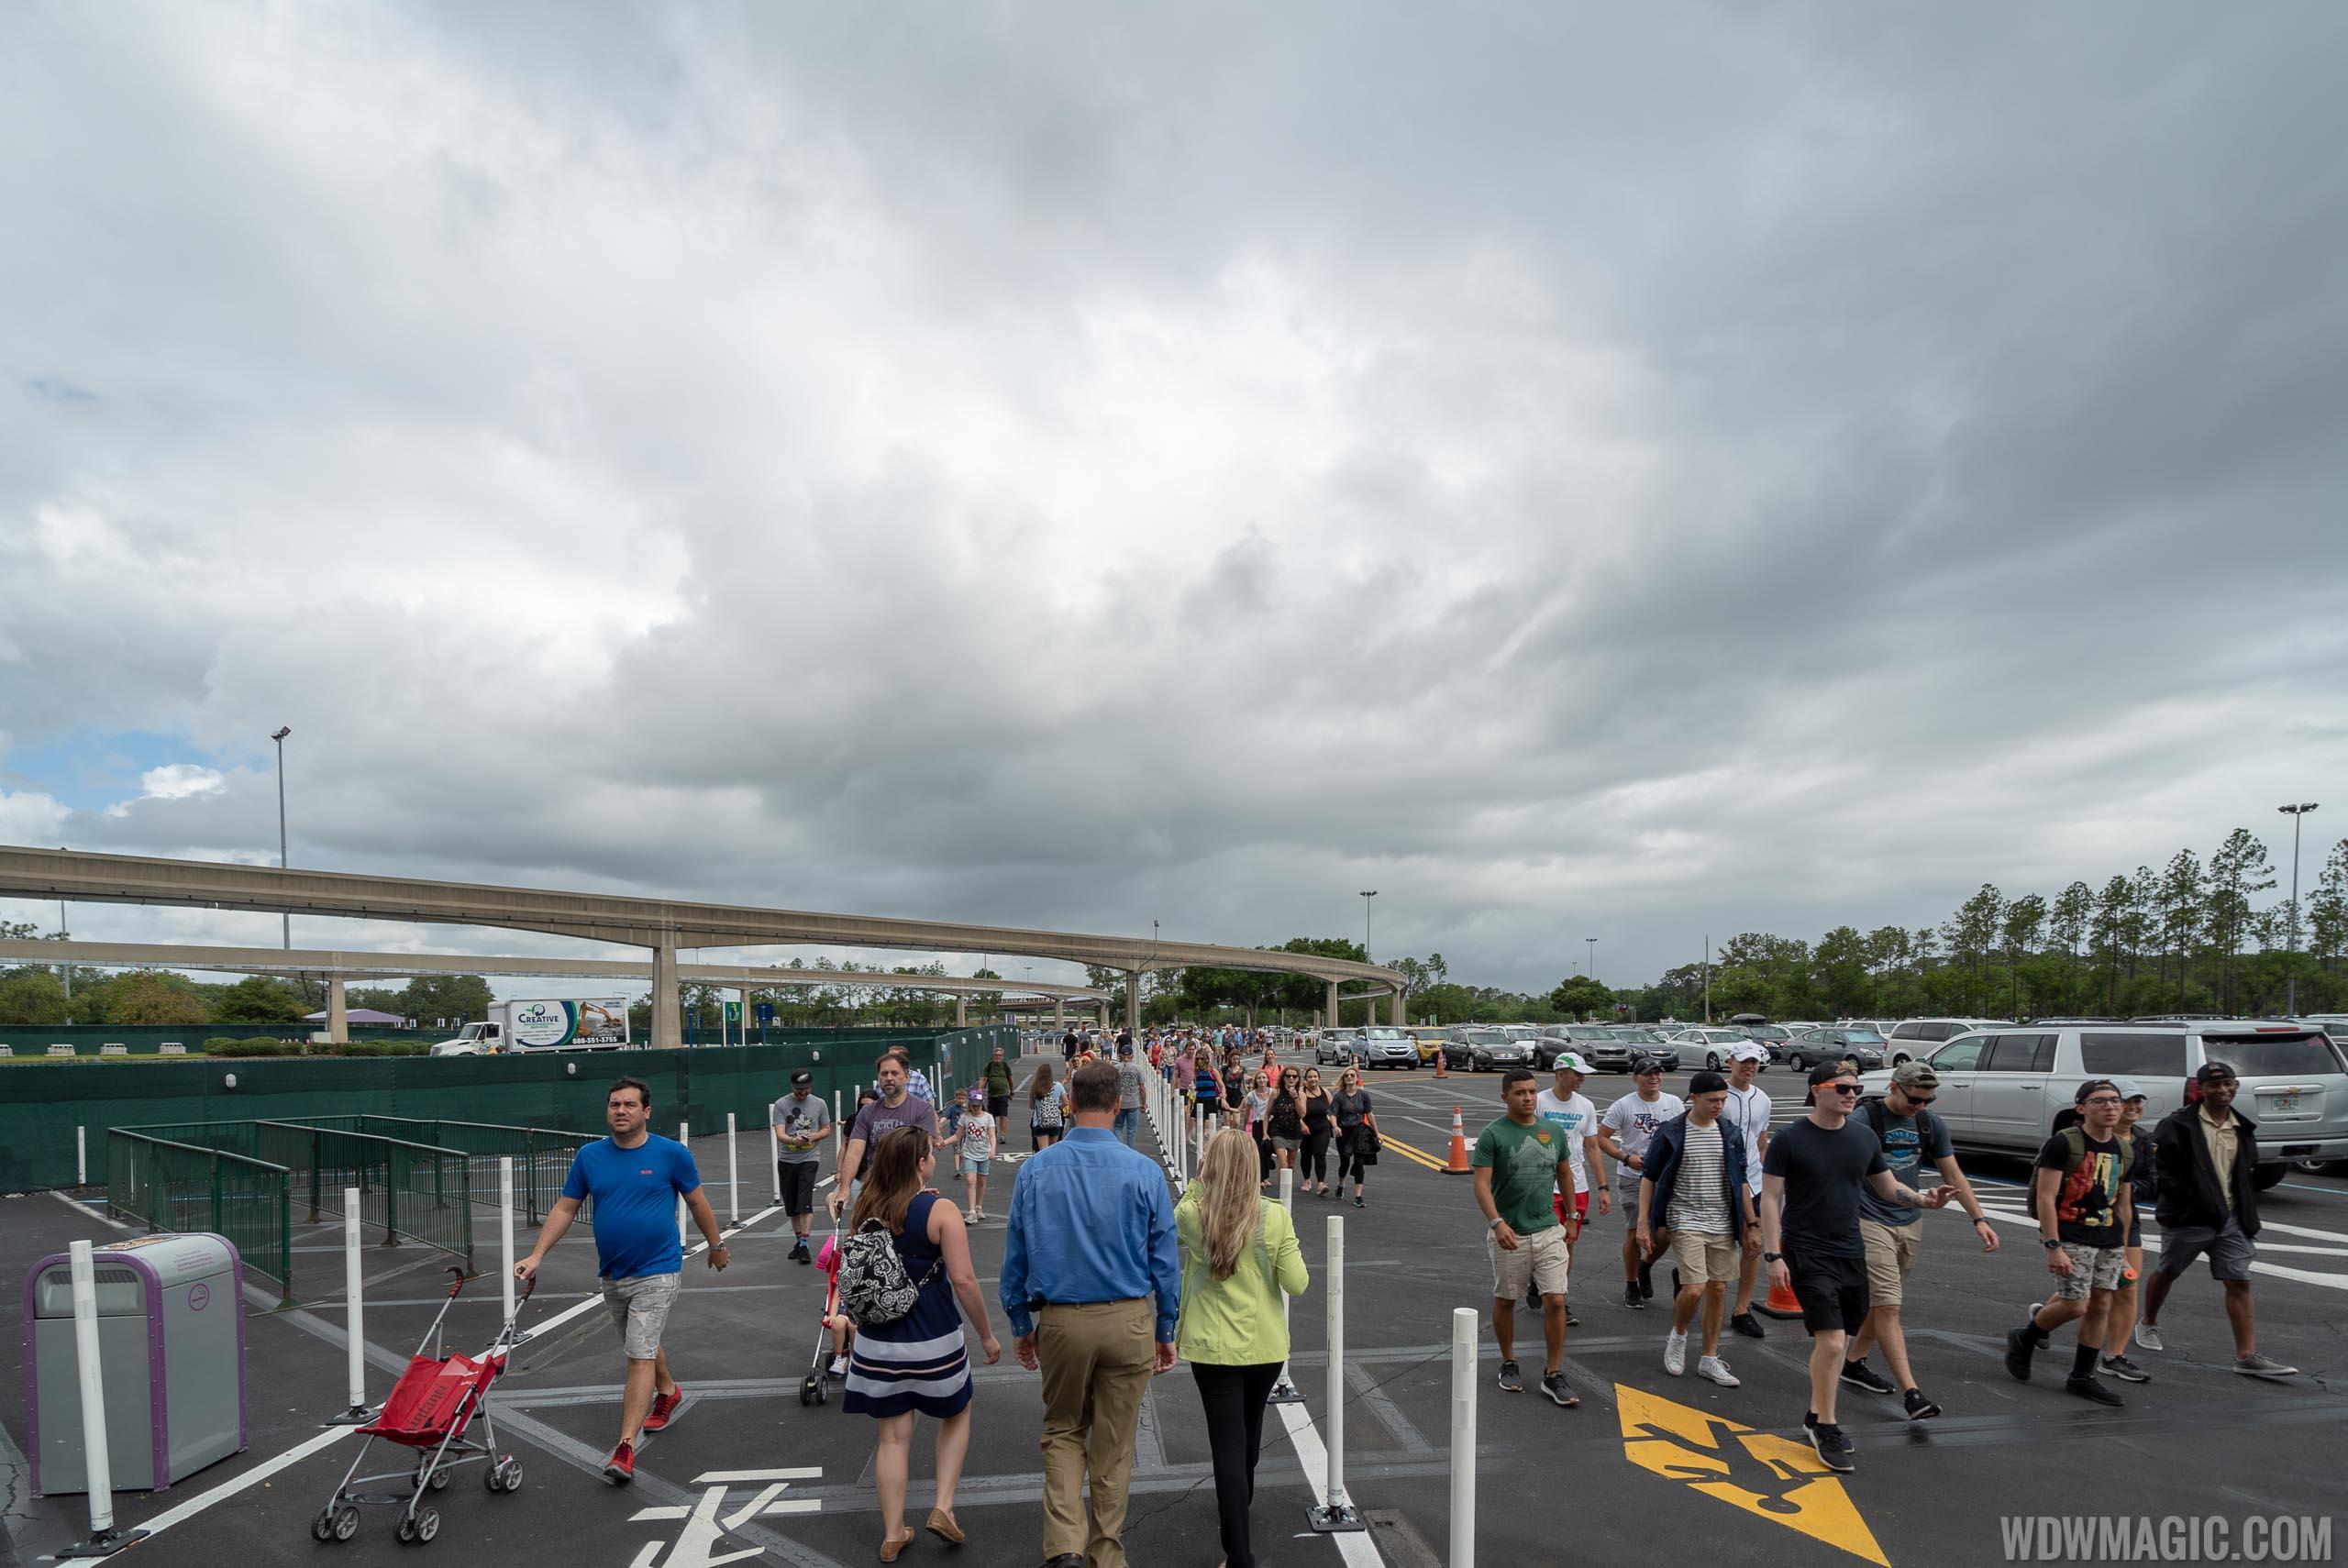 Epcot arrival area refurbishment - May 2019